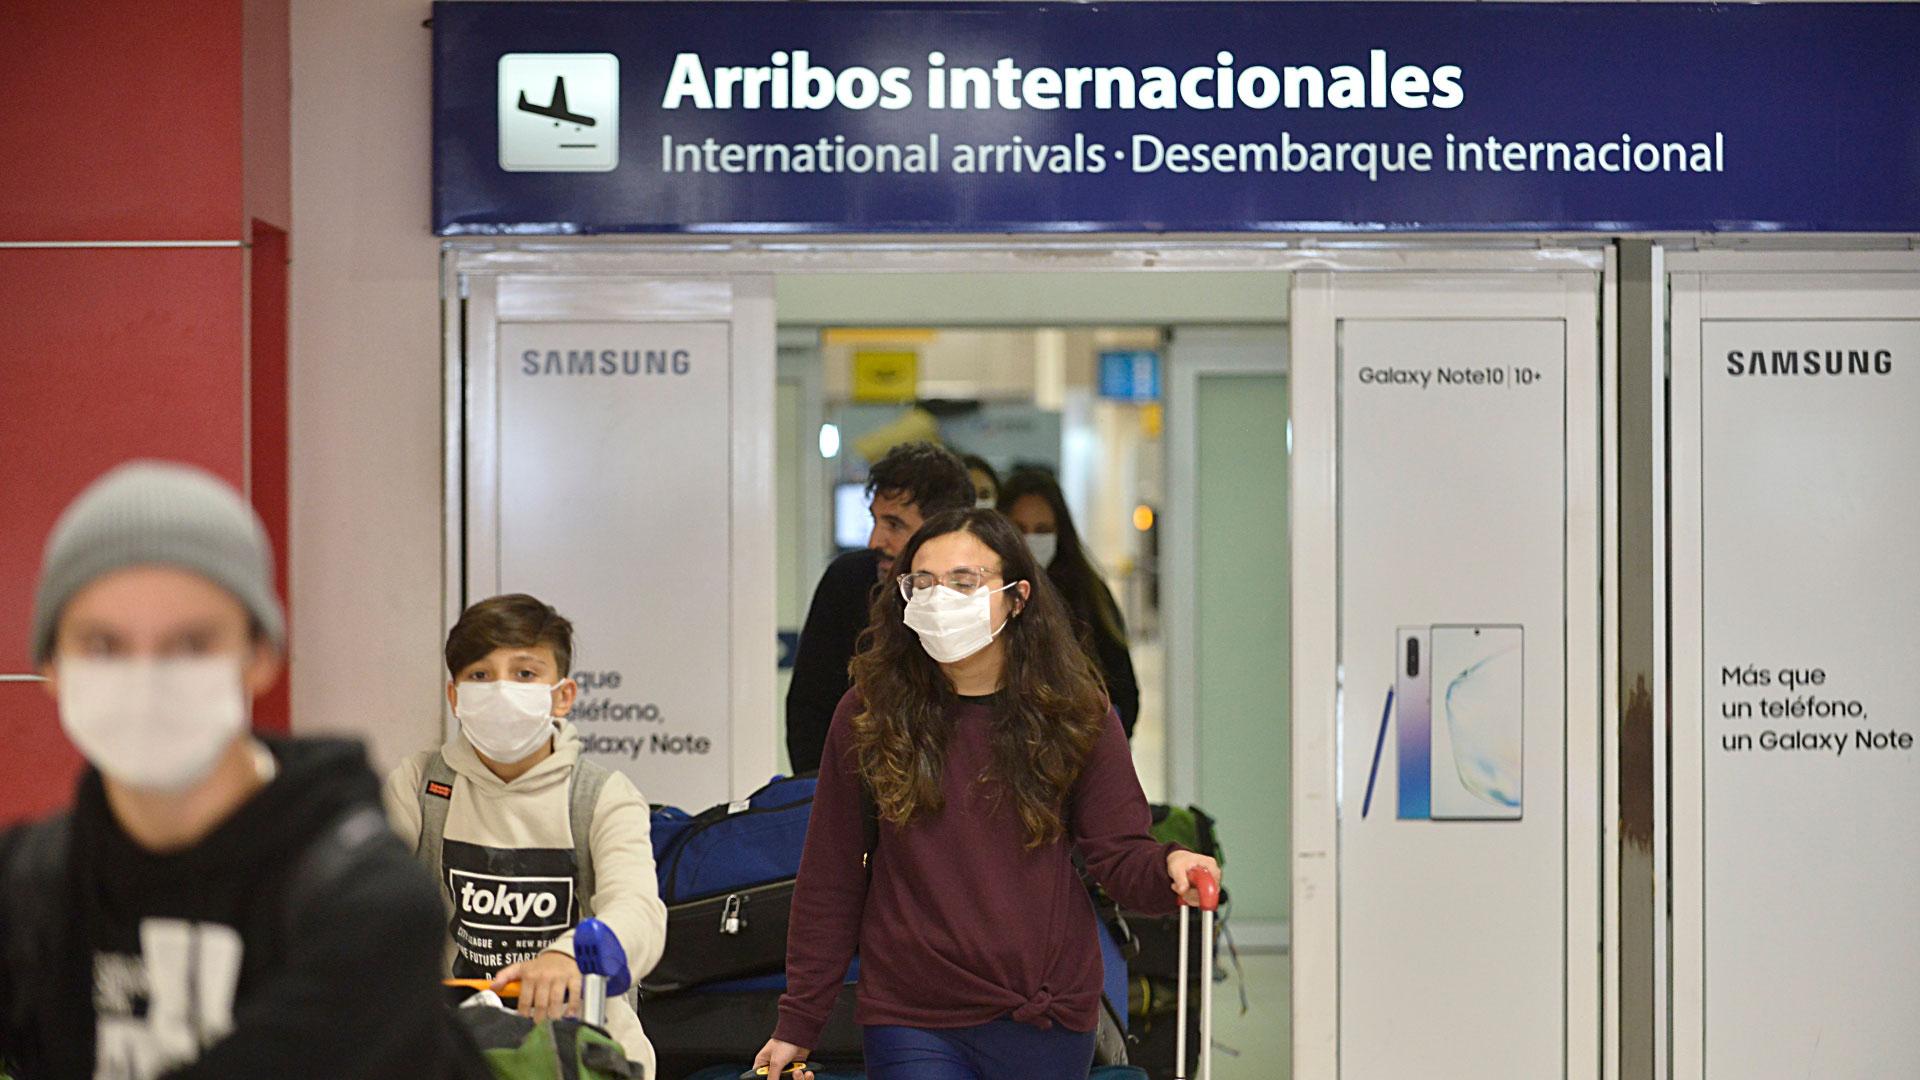 Mas allá de los protocolos sanitarios, Aeropuertos Argentina 2000 informó que viene realizando desde enero procedimientos de limpieza y desinfección profunda; y que en los últimos días incrementó la desinfección de pasamanos y picaportes, así como también el interior de las mangas utilizadas por los vuelos directos desde Italia